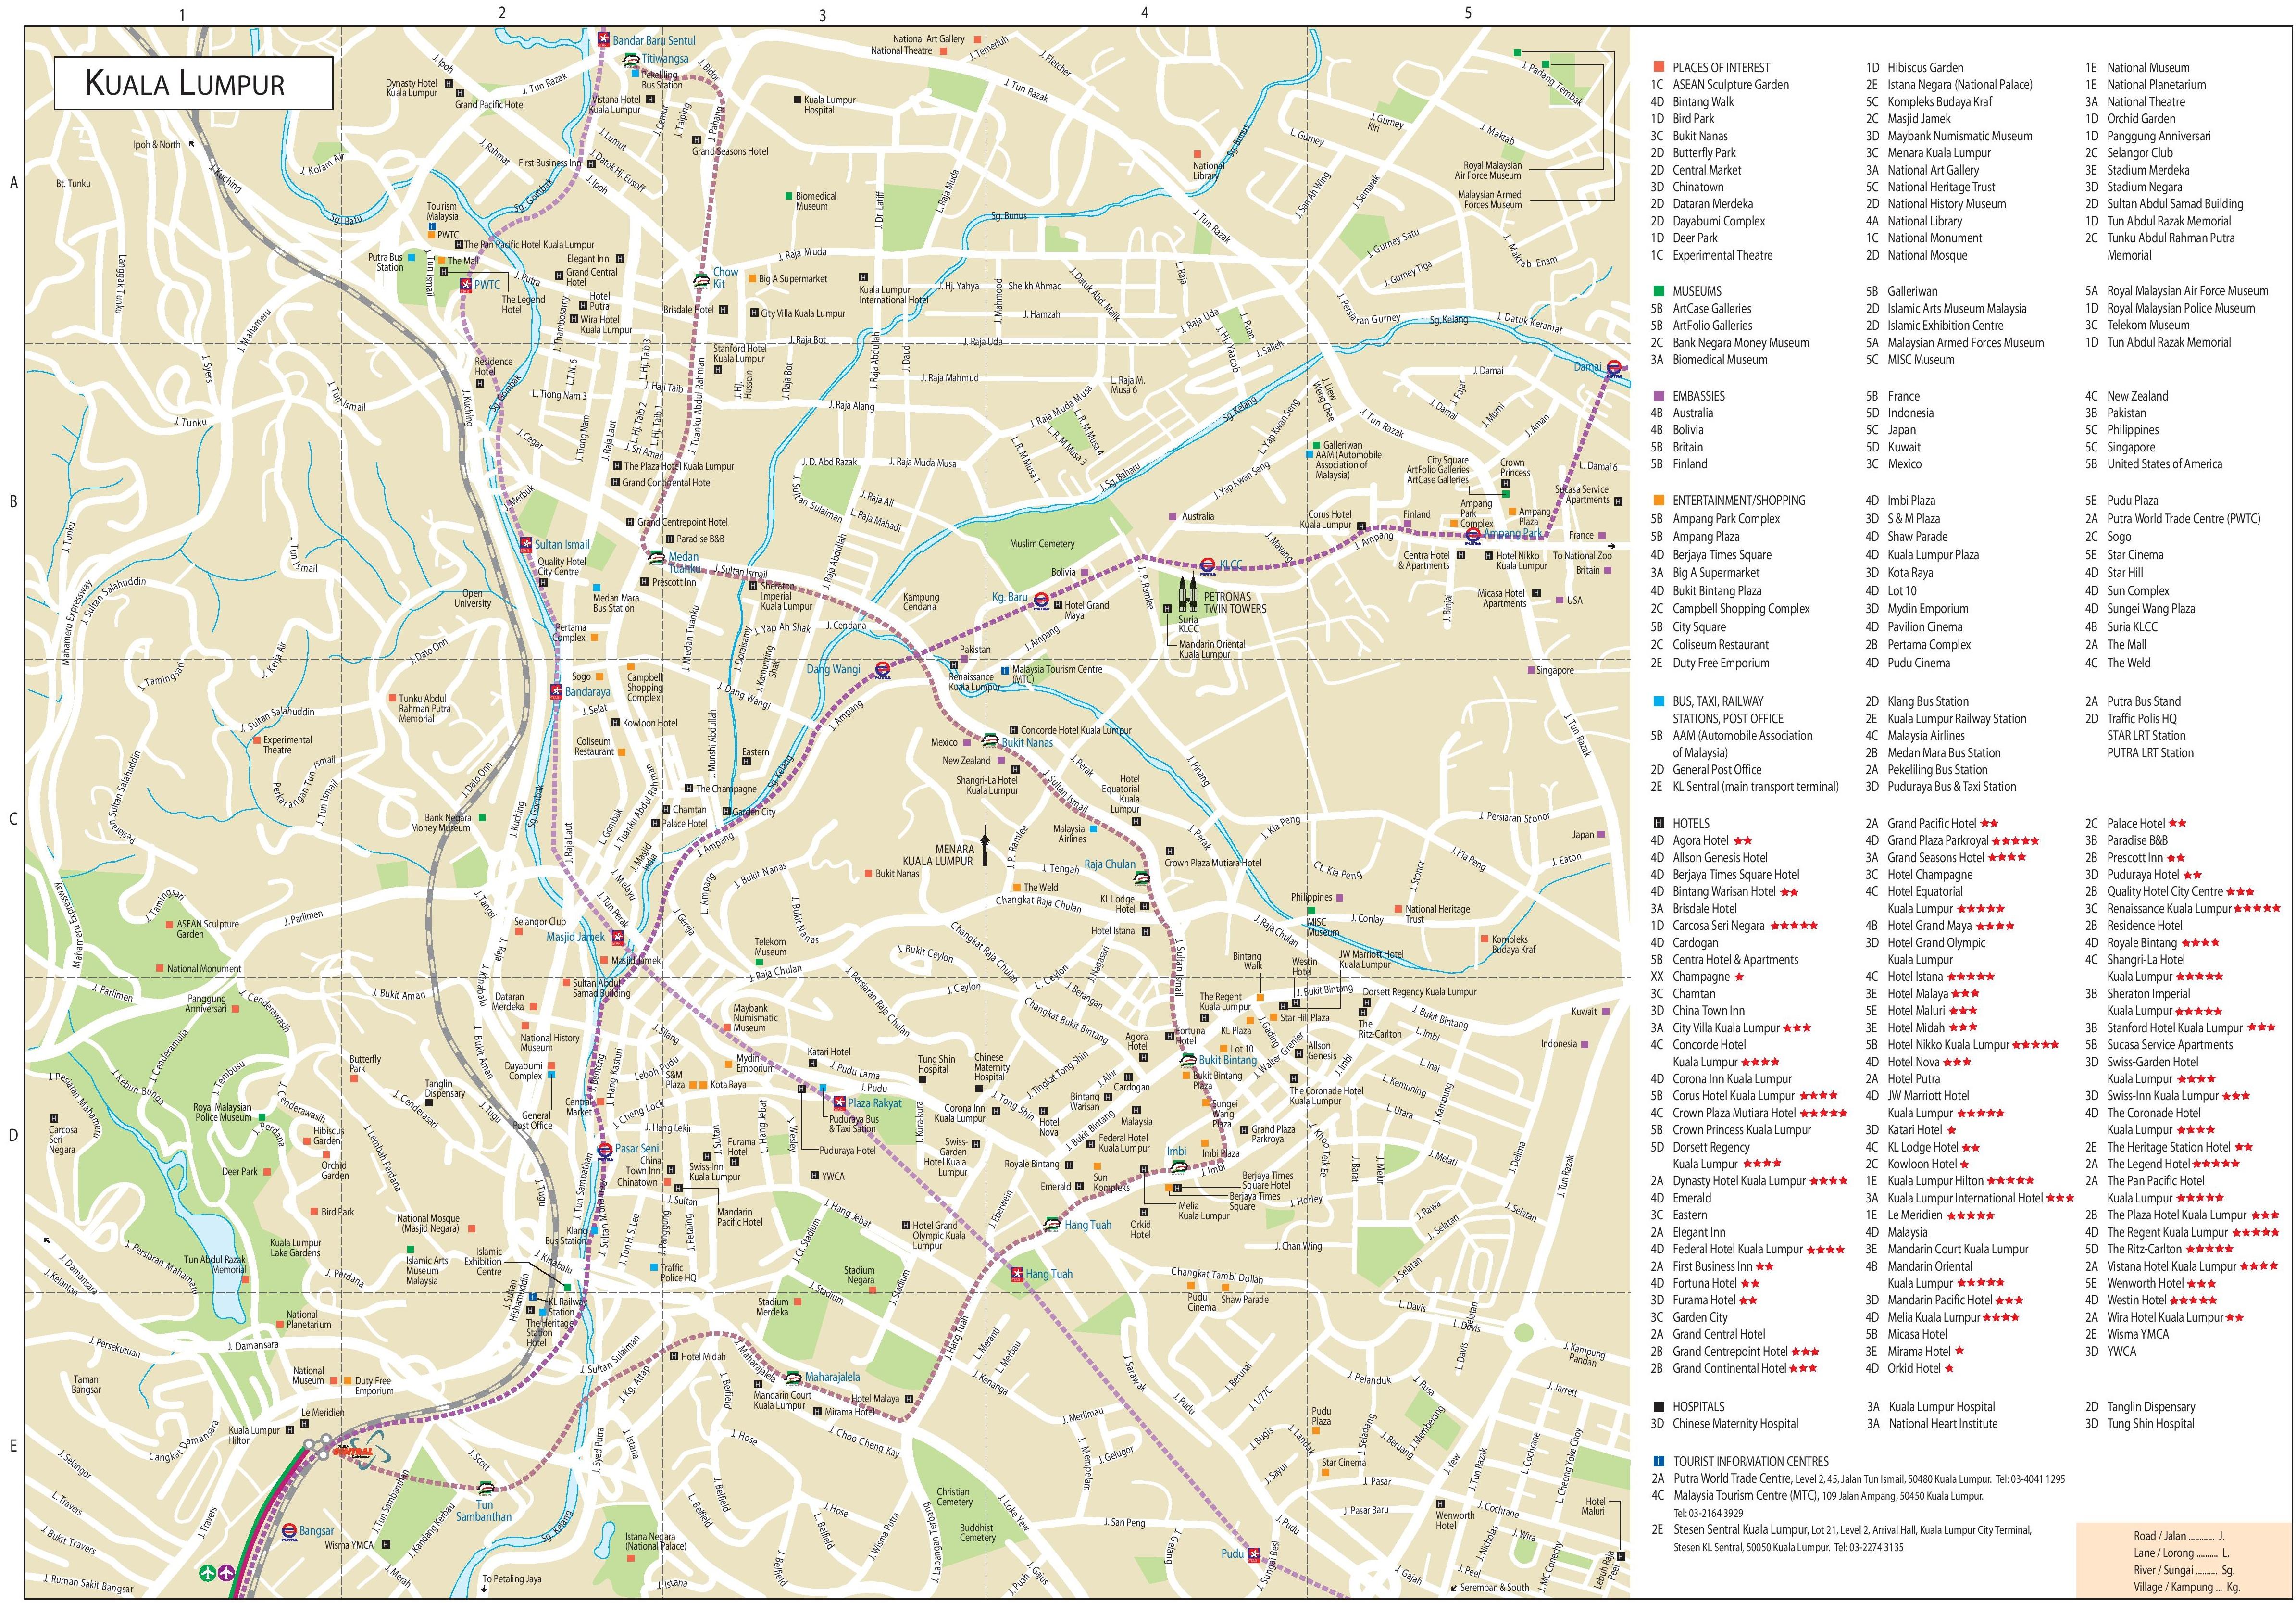 Kuala Lumpur Tourist Attractions Map - kuala lumpur map